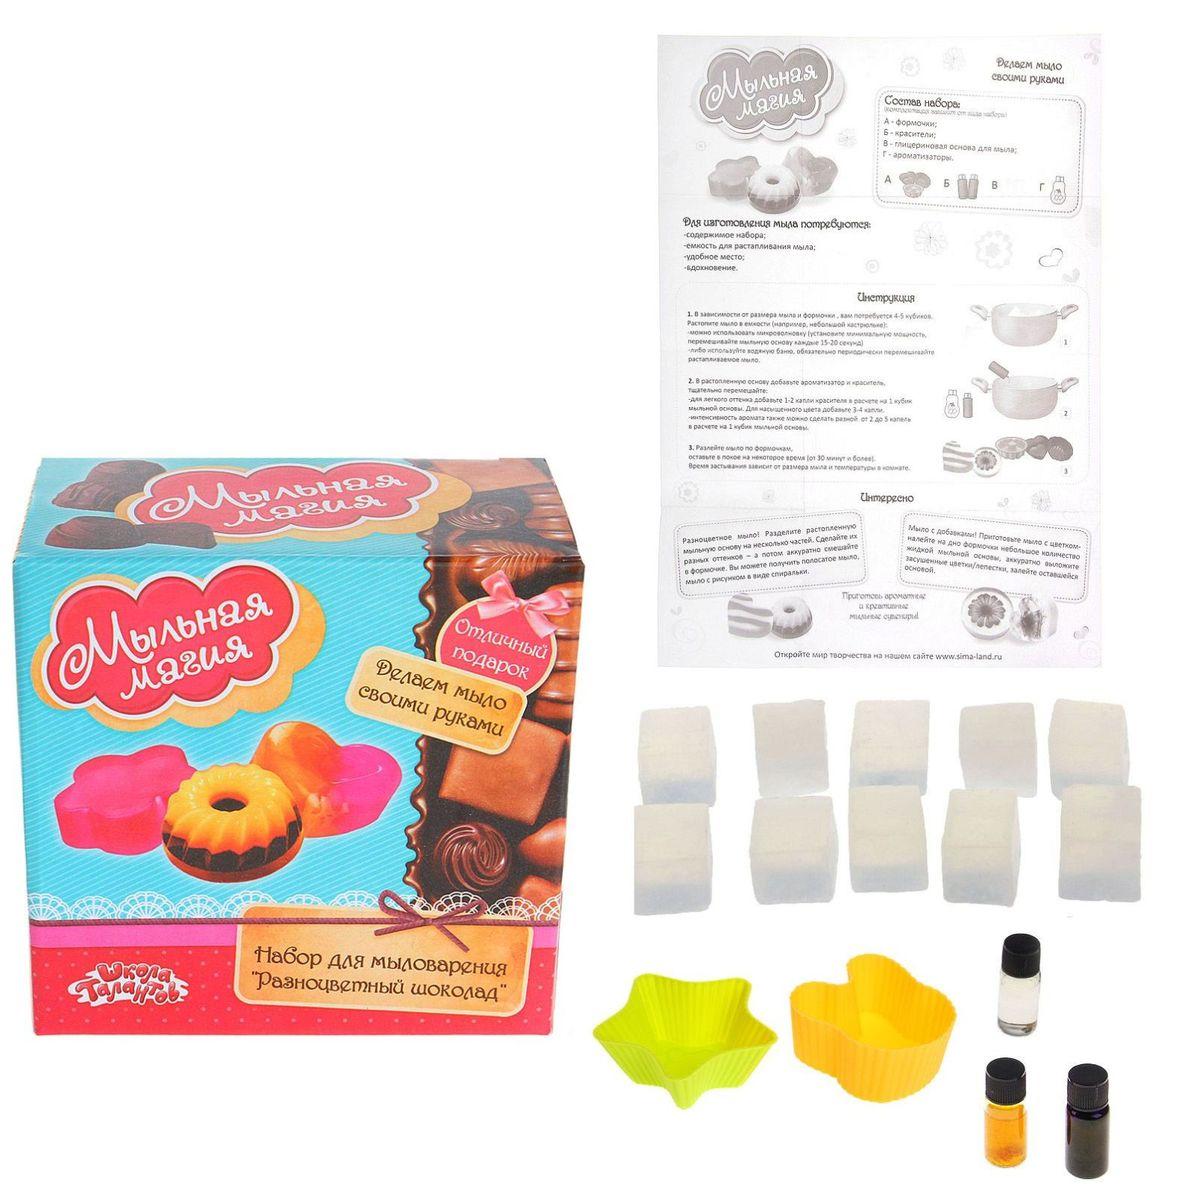 Набор для мыловарения Разноцветный шоколад. 628291628291